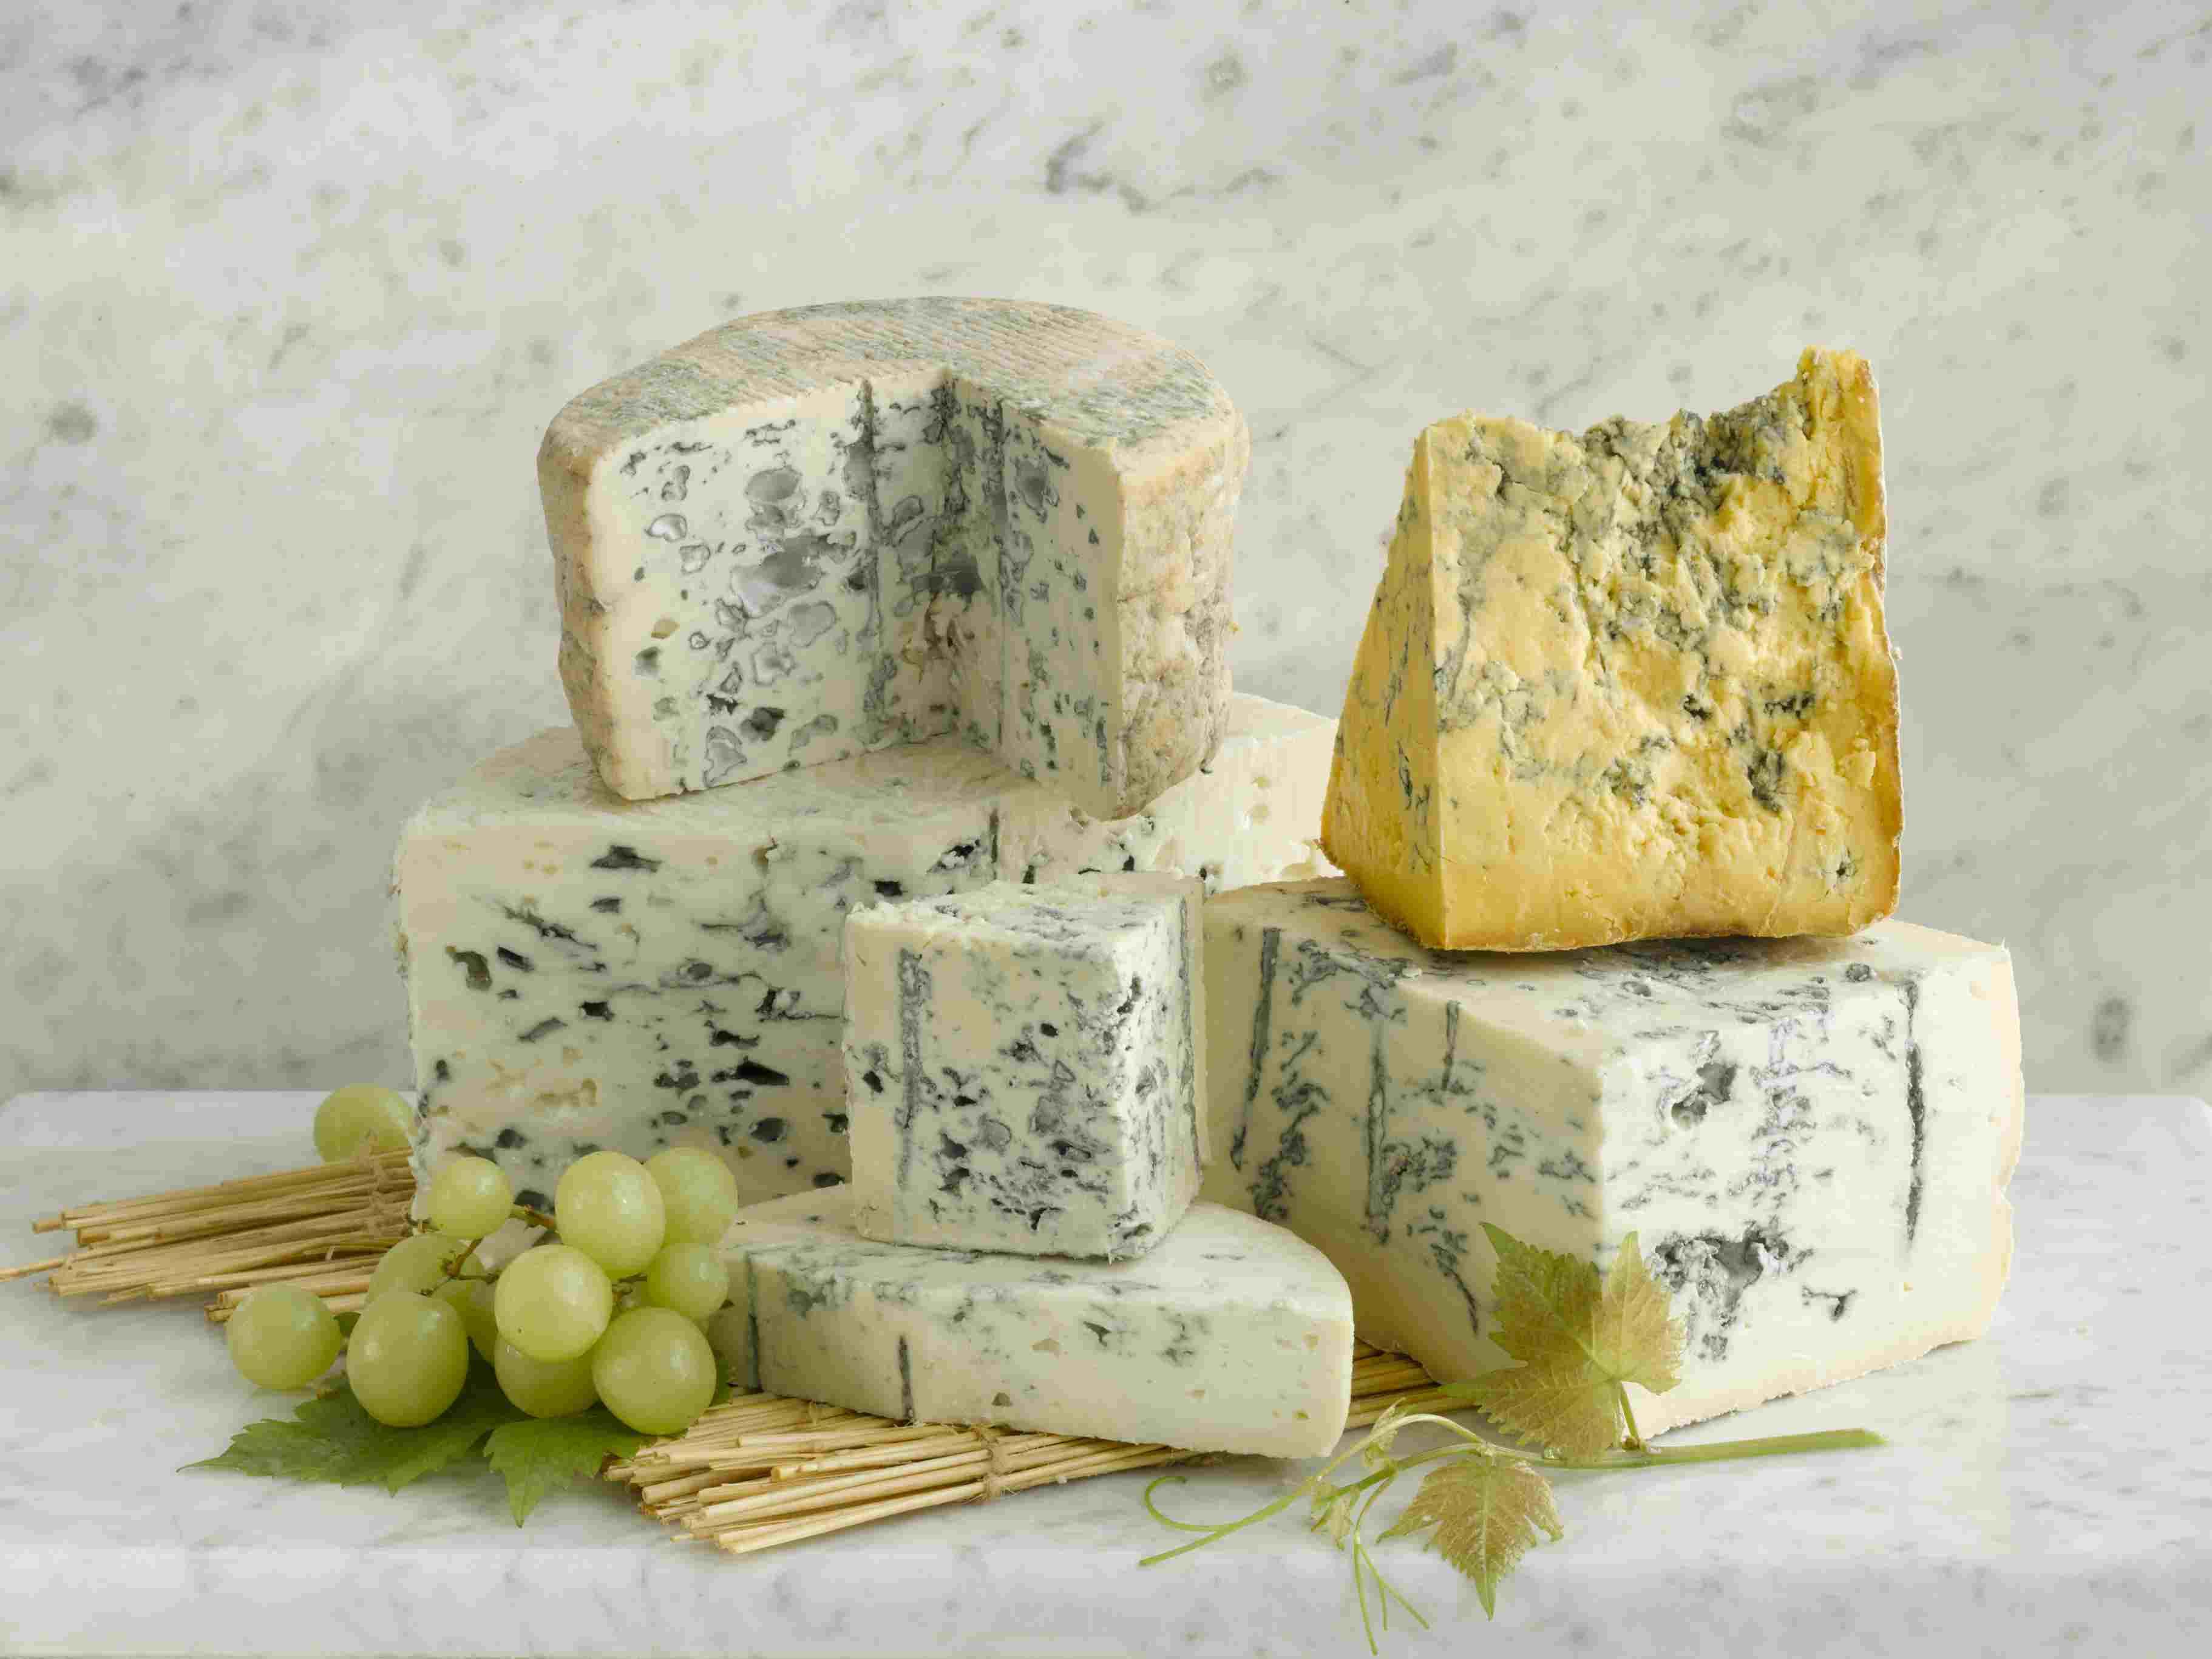 Stilton blue cheese and Shropshire blue cheese